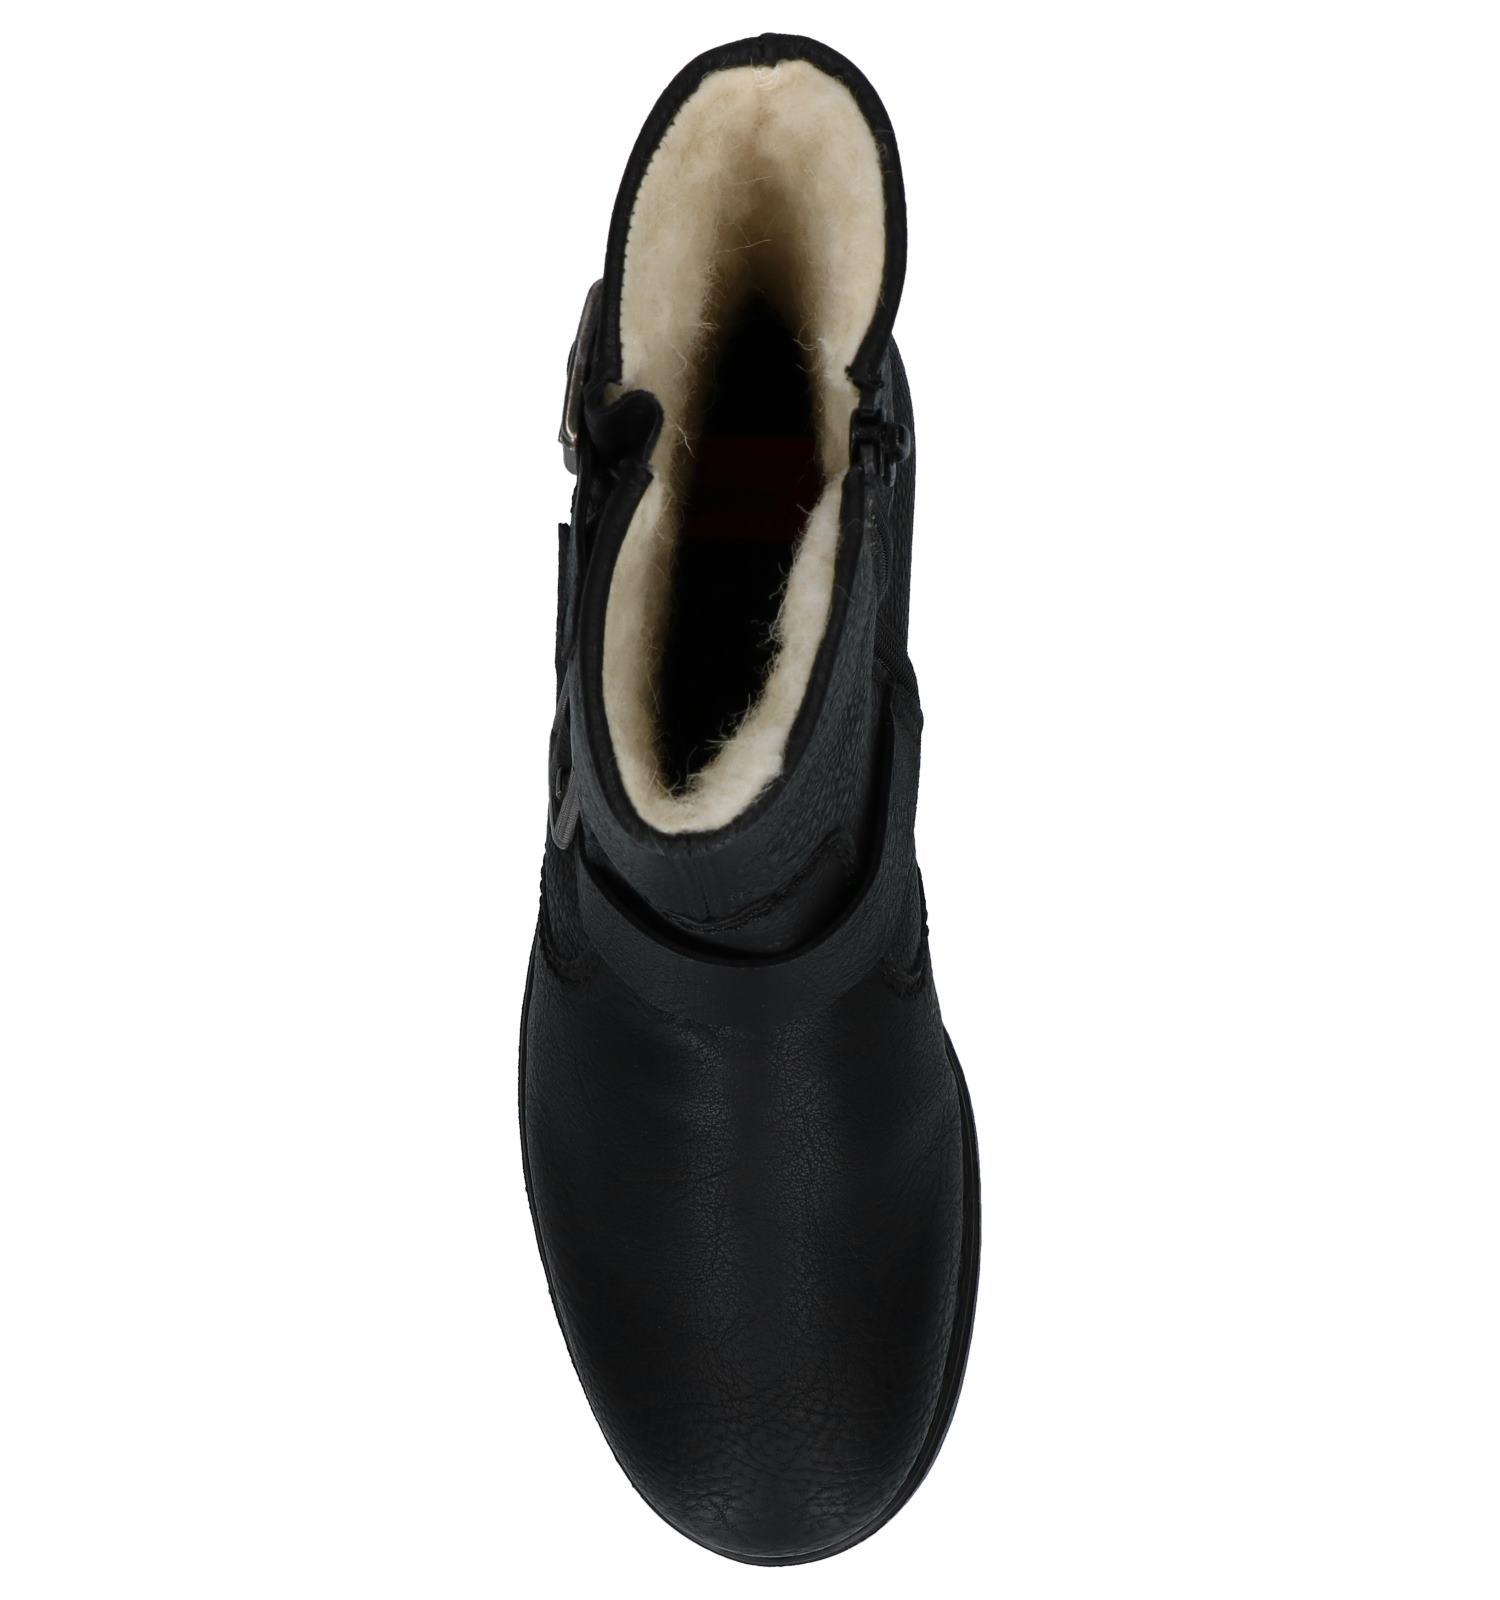 Gespen Boots Rieker Met Boots Zwarte Rieker Zwarte htCsQrdx